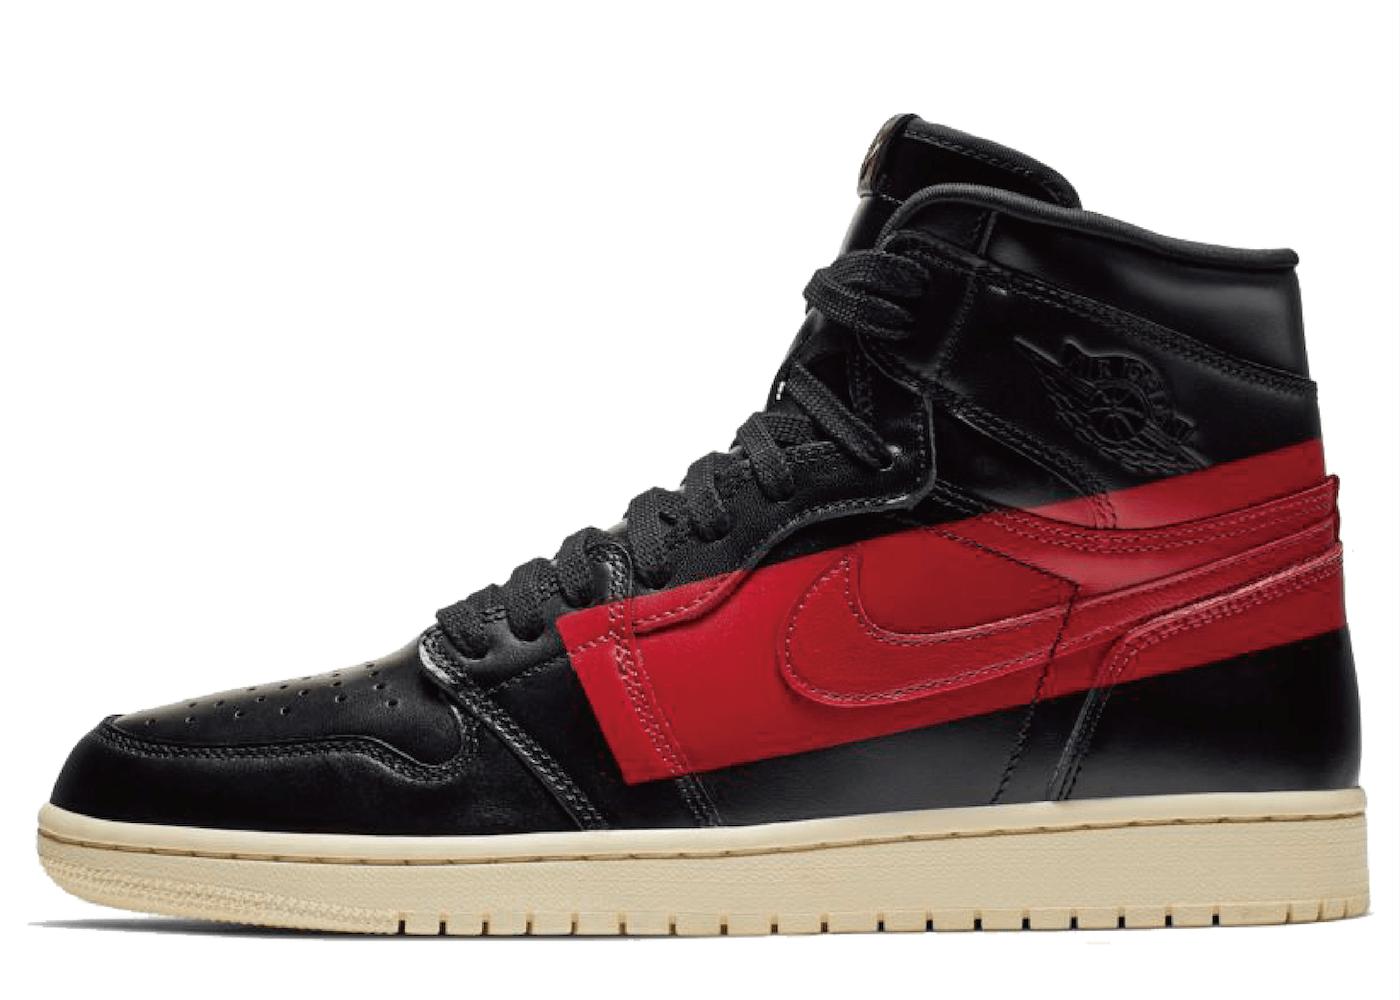 Nike Air Jordan 1 Retro High OG Coutureの写真